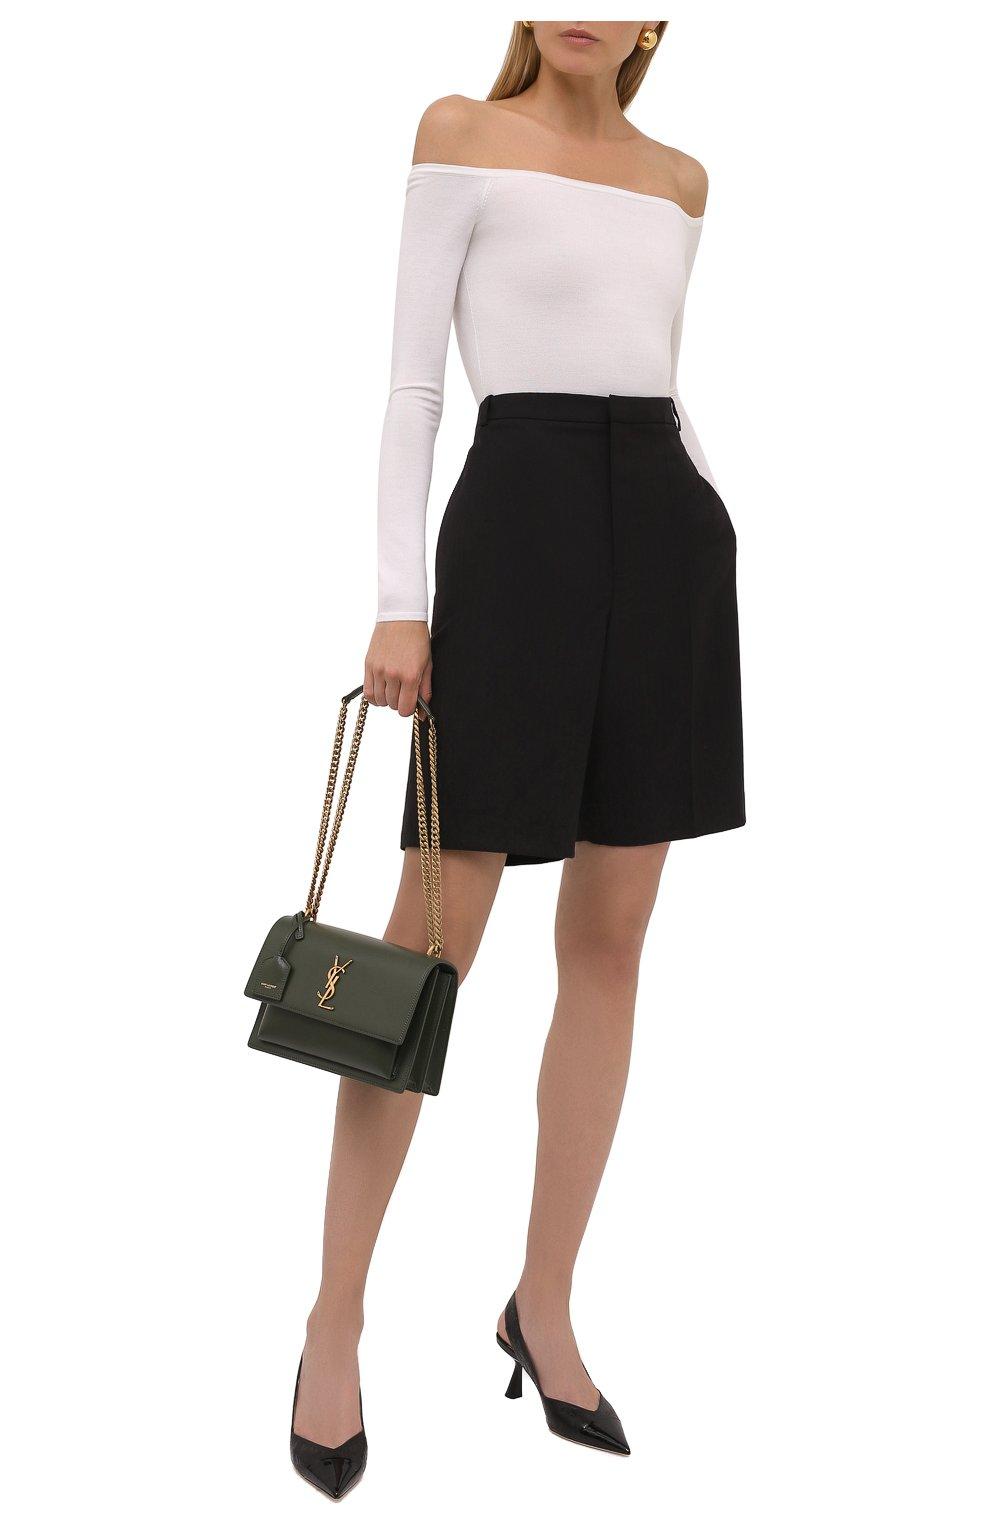 Женские кожаные туфли liya 65 JIMMY CHOO черного цвета, арт. LIYA 65/ZY0 | Фото 2 (Материал внутренний: Натуральная кожа; Каблук высота: Средний; Каблук тип: Фигурный; Подошва: Плоская)